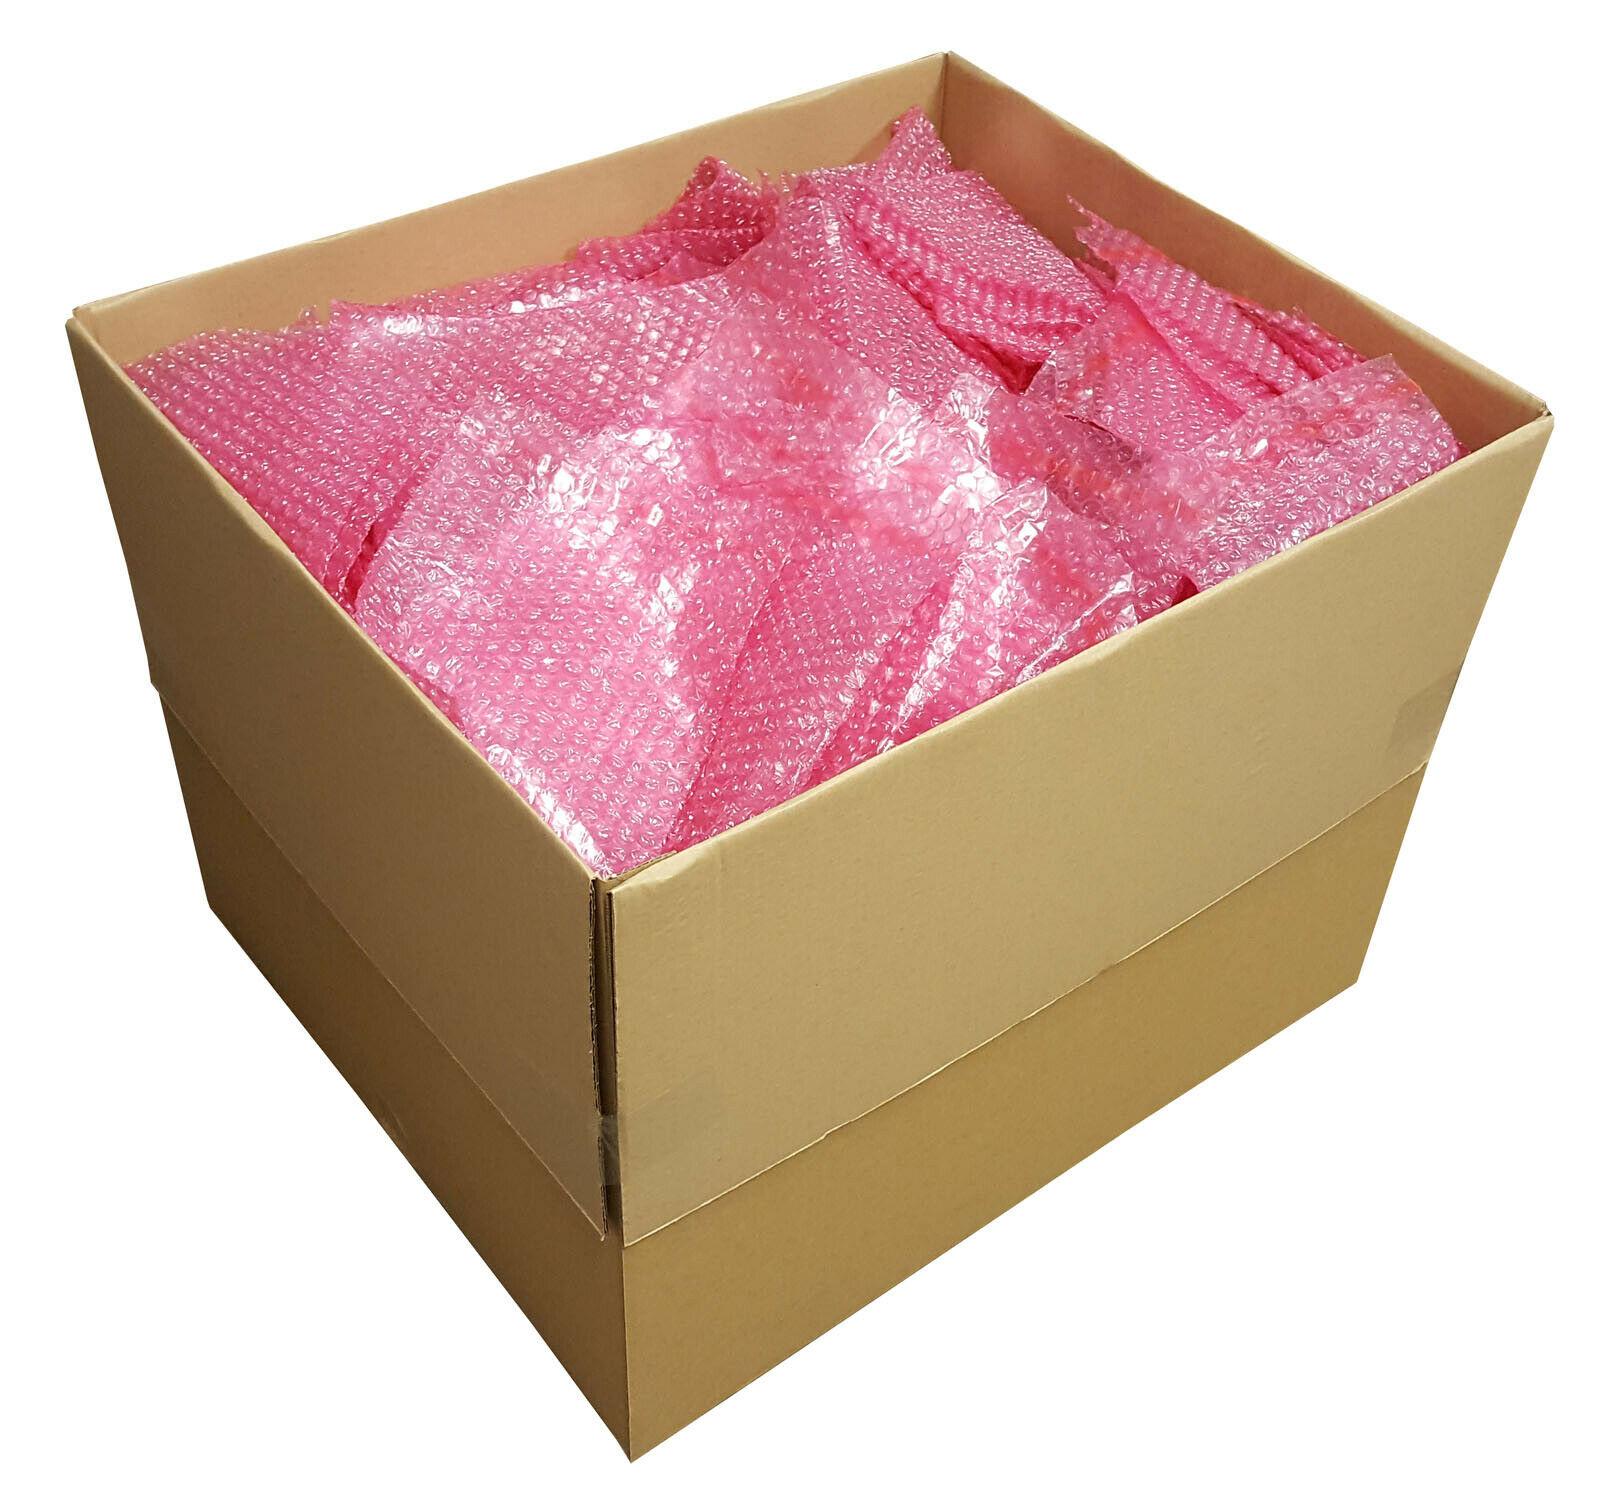 305mm x 425mm ASBP6 Jiffy Anti Static Bubble Bags Peel Seal Strip Qty 150 162513394440 - 305mm x 425mm ASBP6 Jiffy Anti Static Bubble Bags Peel Seal Strip Qty 150